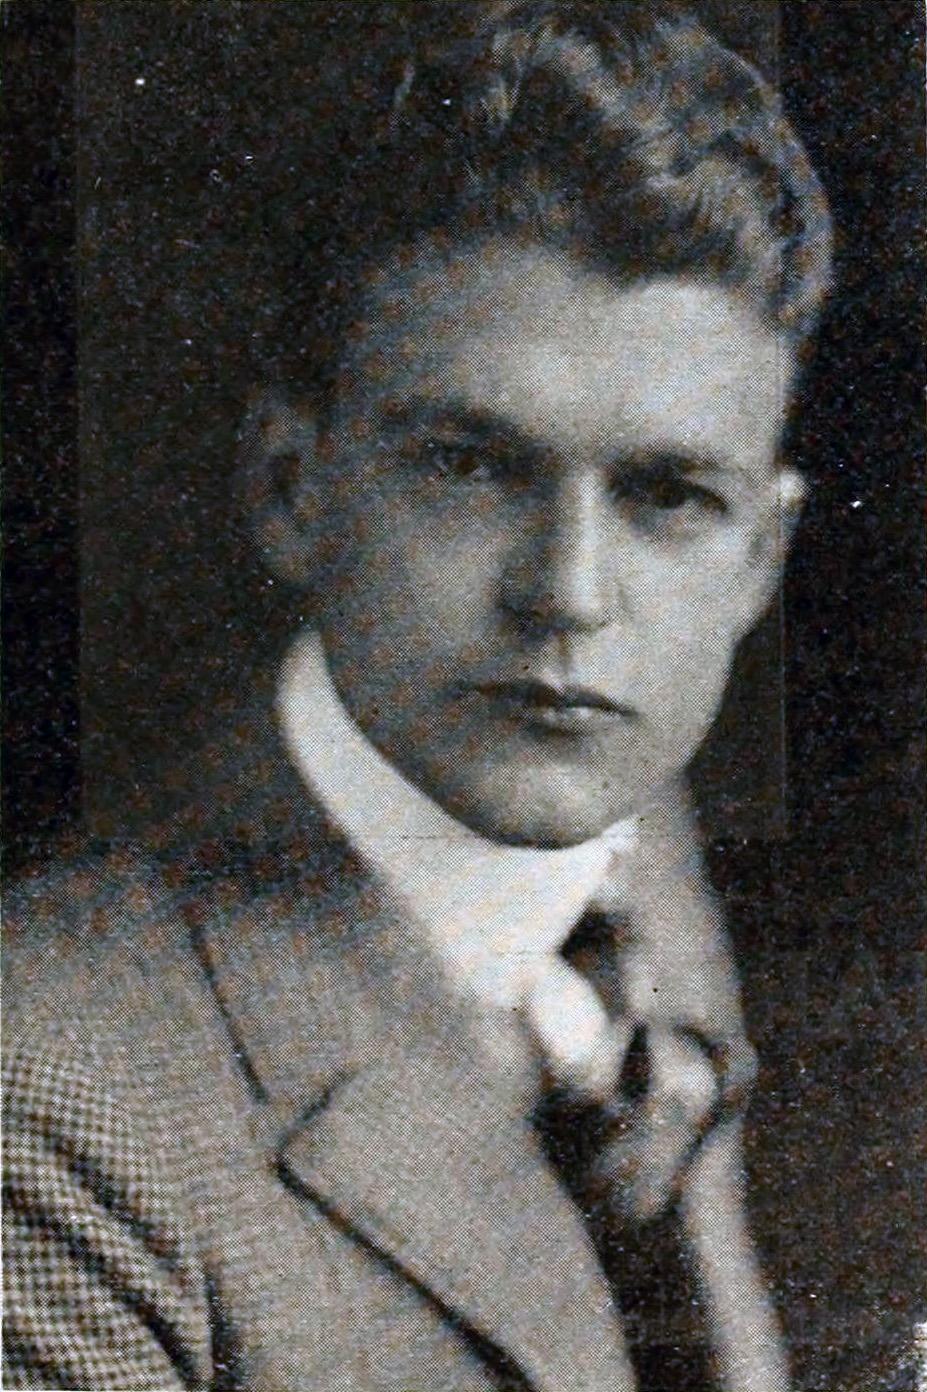 Wallace MacDonald Wallace MacDonald Wikipedia